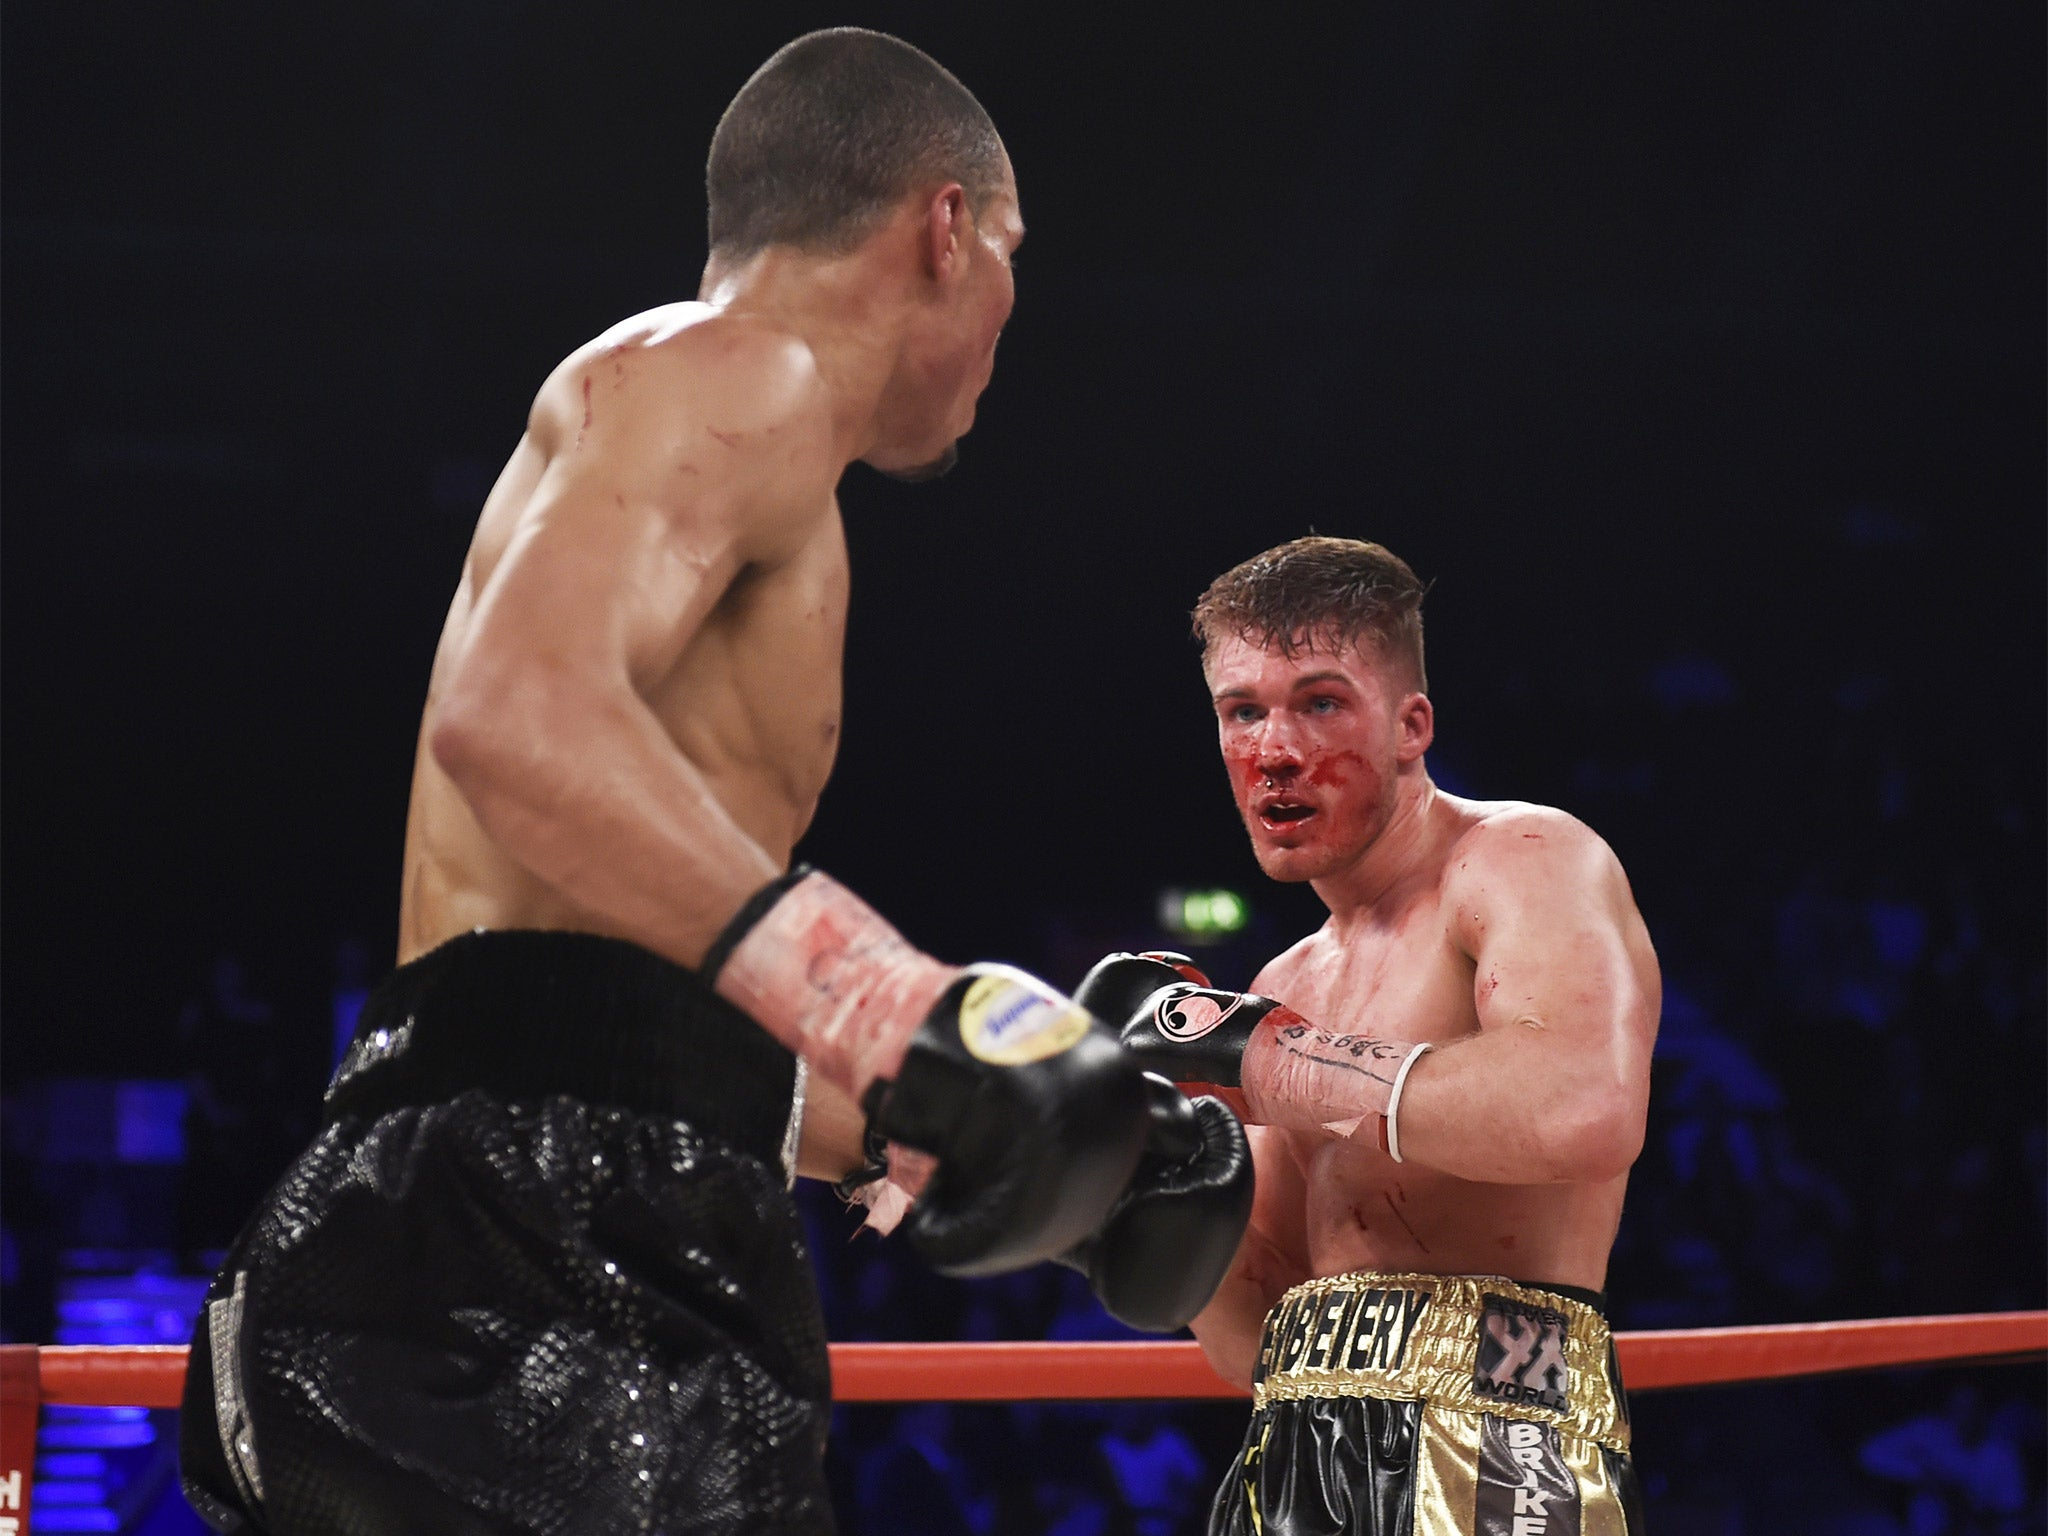 Is boxing too dangerous Is boxing too dangerous new photo